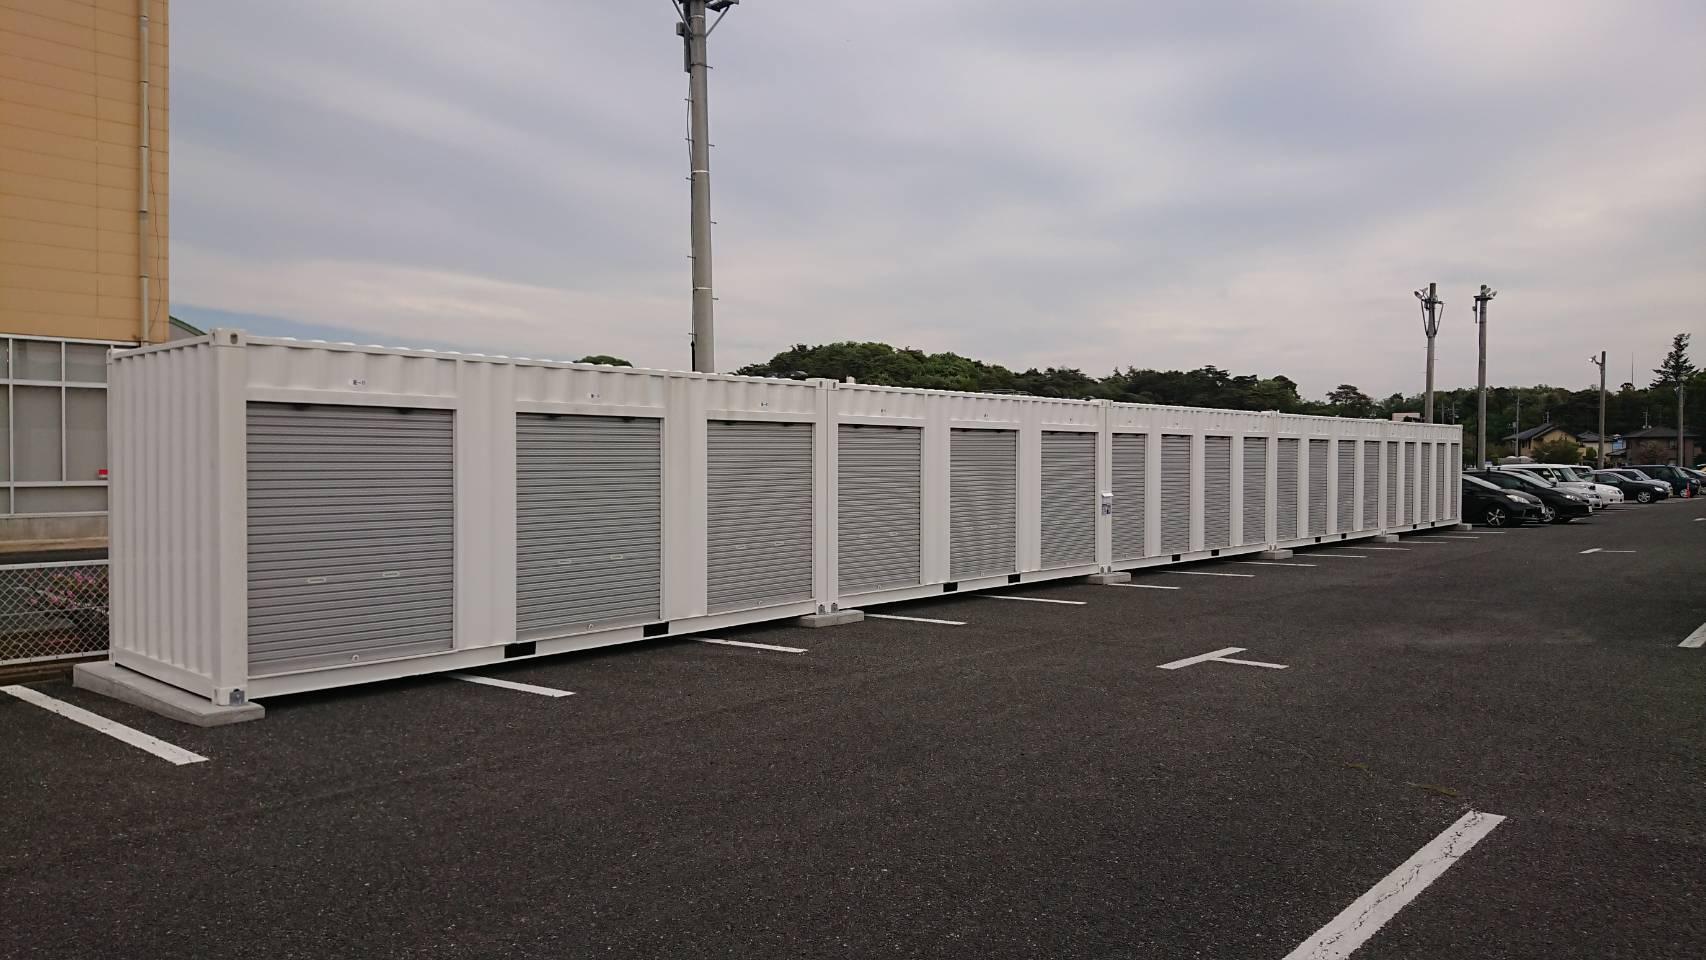 トランクルーム栃木足利店